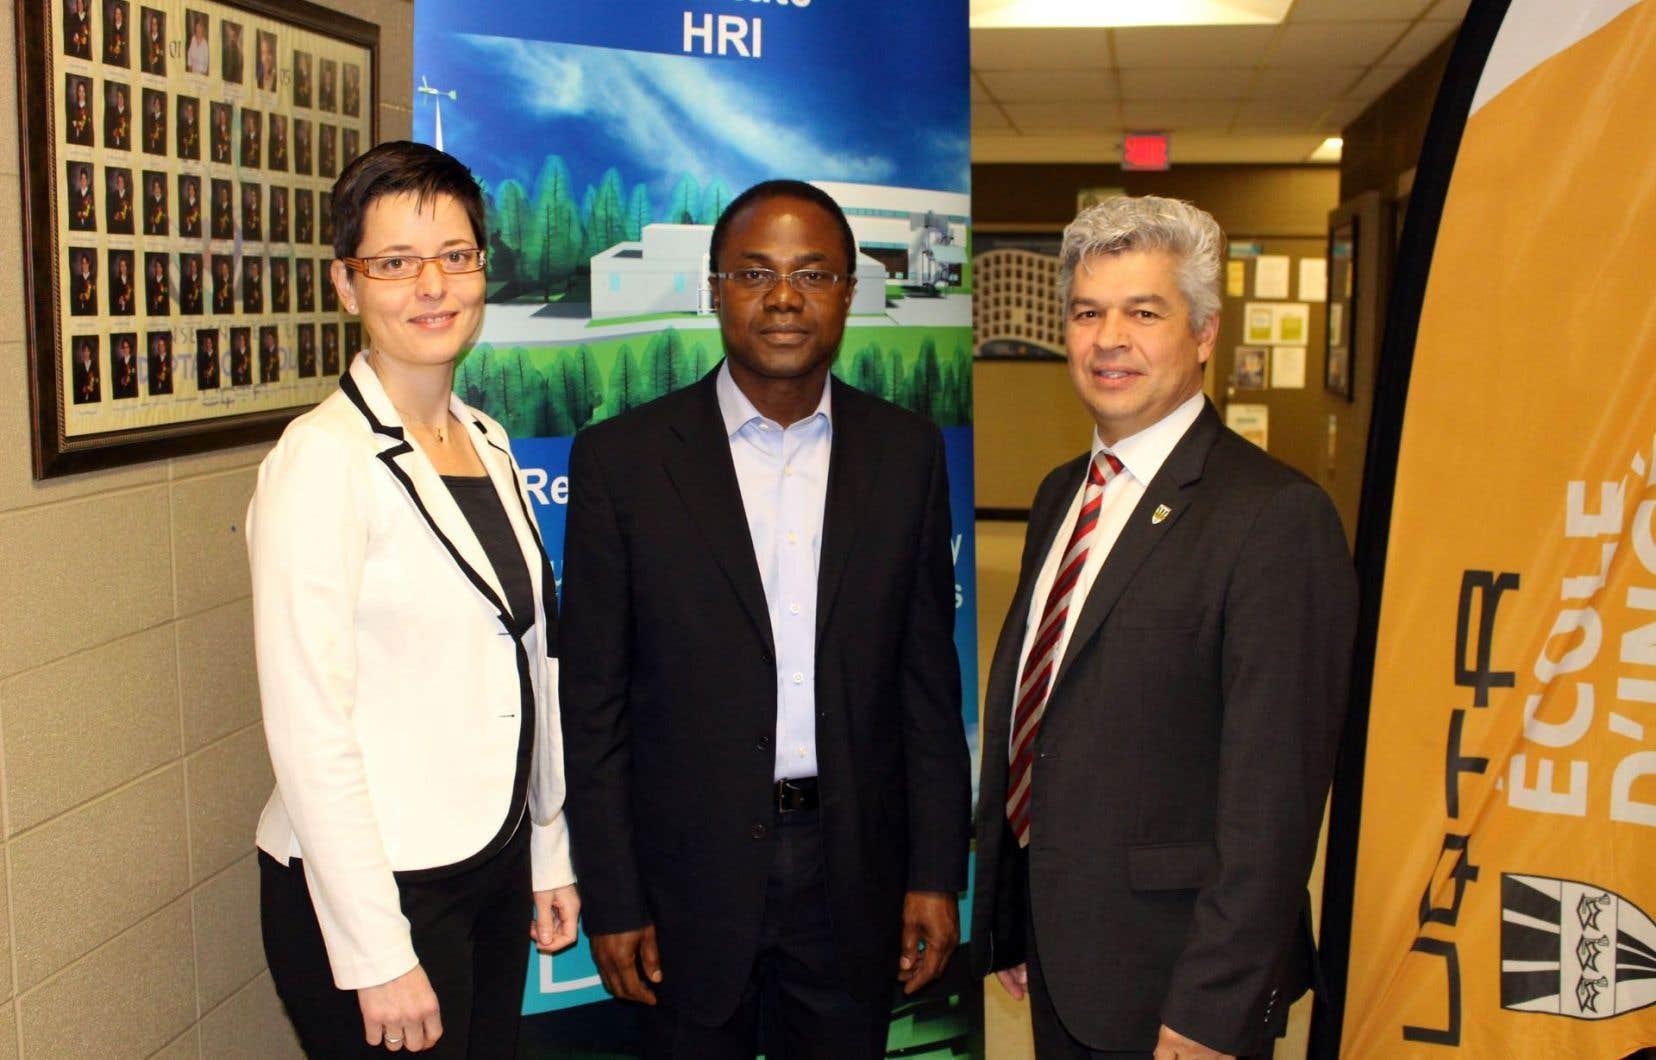 Kodjo Agbossou, professeur et directeur de l'École d'ingénierie de l'UQTR (au milieu), avec la représentante de l'AUF, Virginie Mesguich, et le directeur du Bureau de l'international et du recrutement,Sylvain Benoit